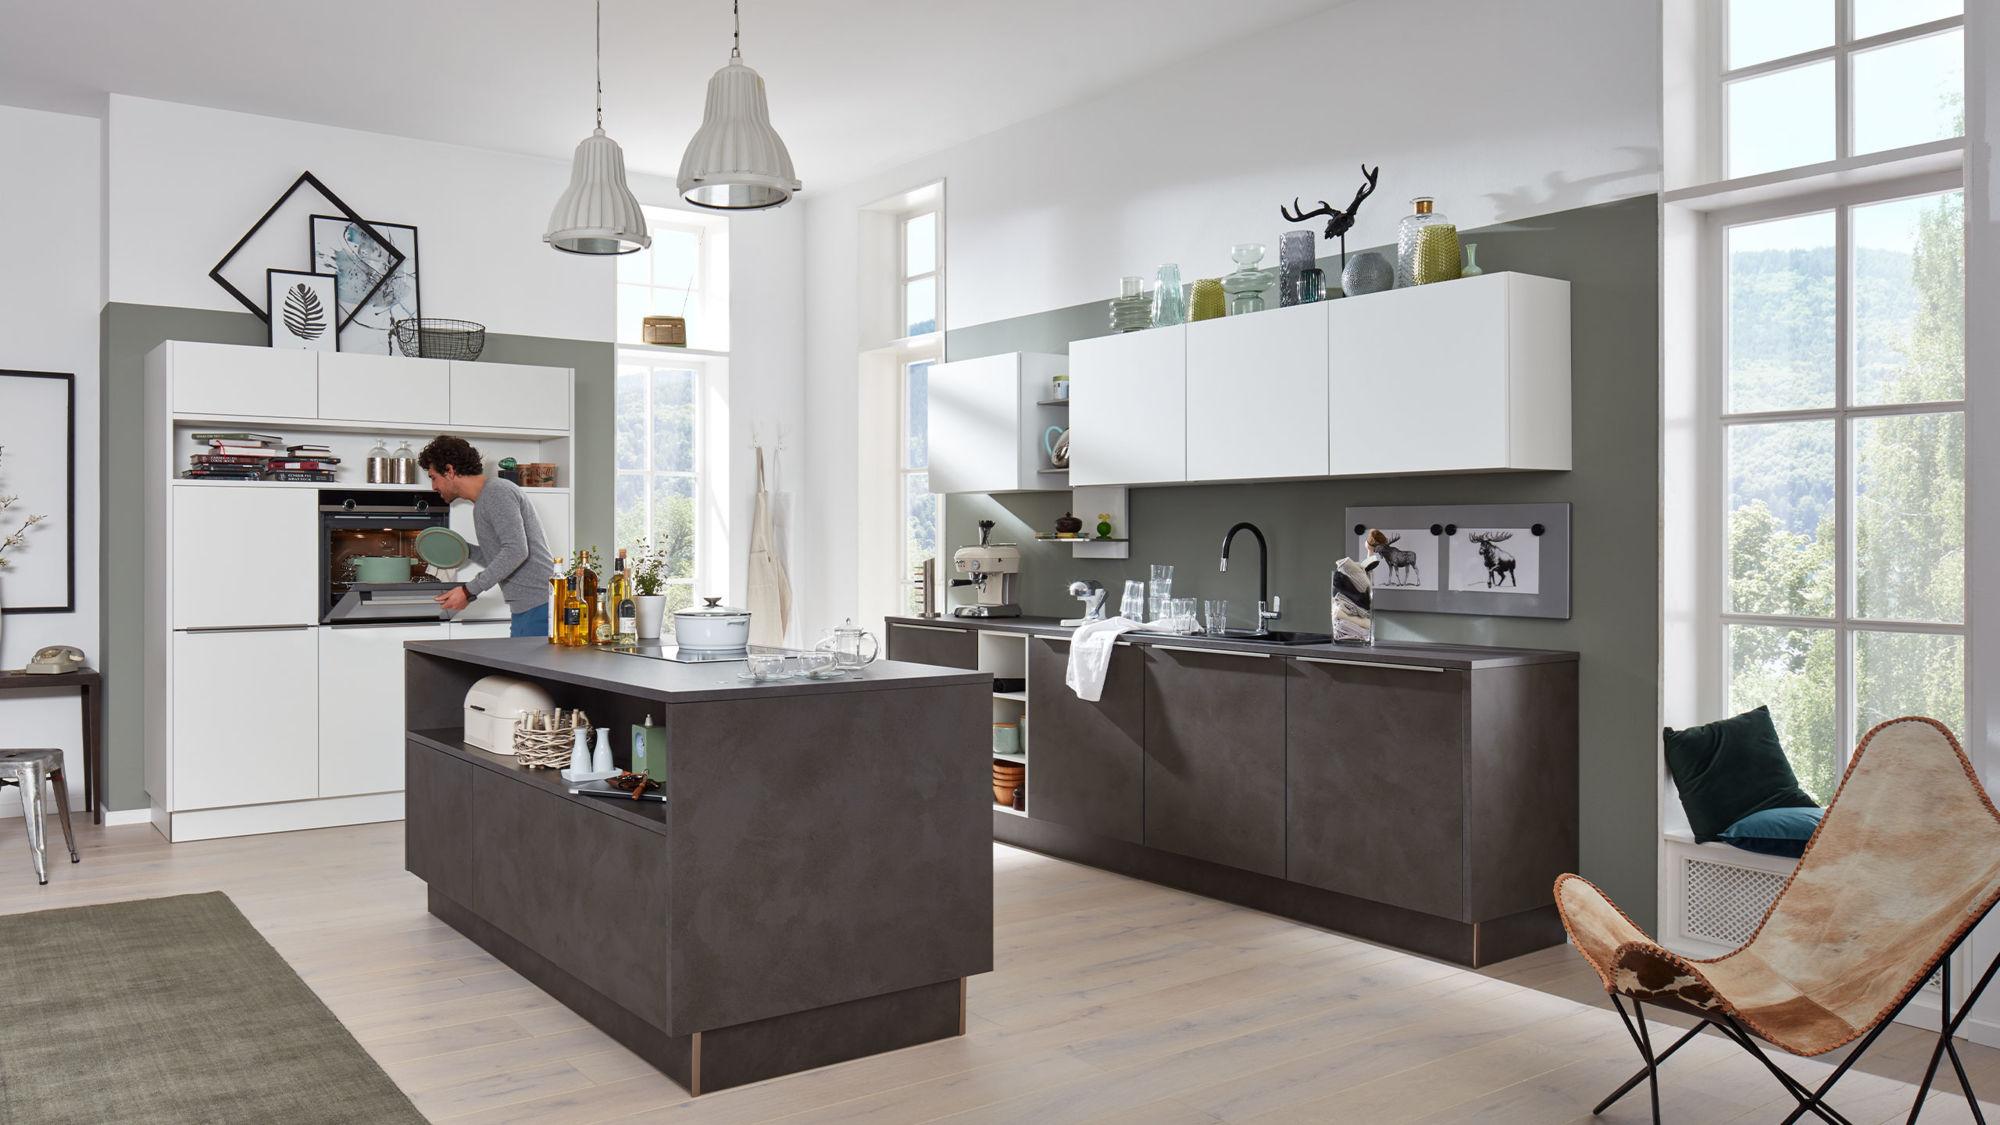 große inselküche 3660 portland von interliving küche mit